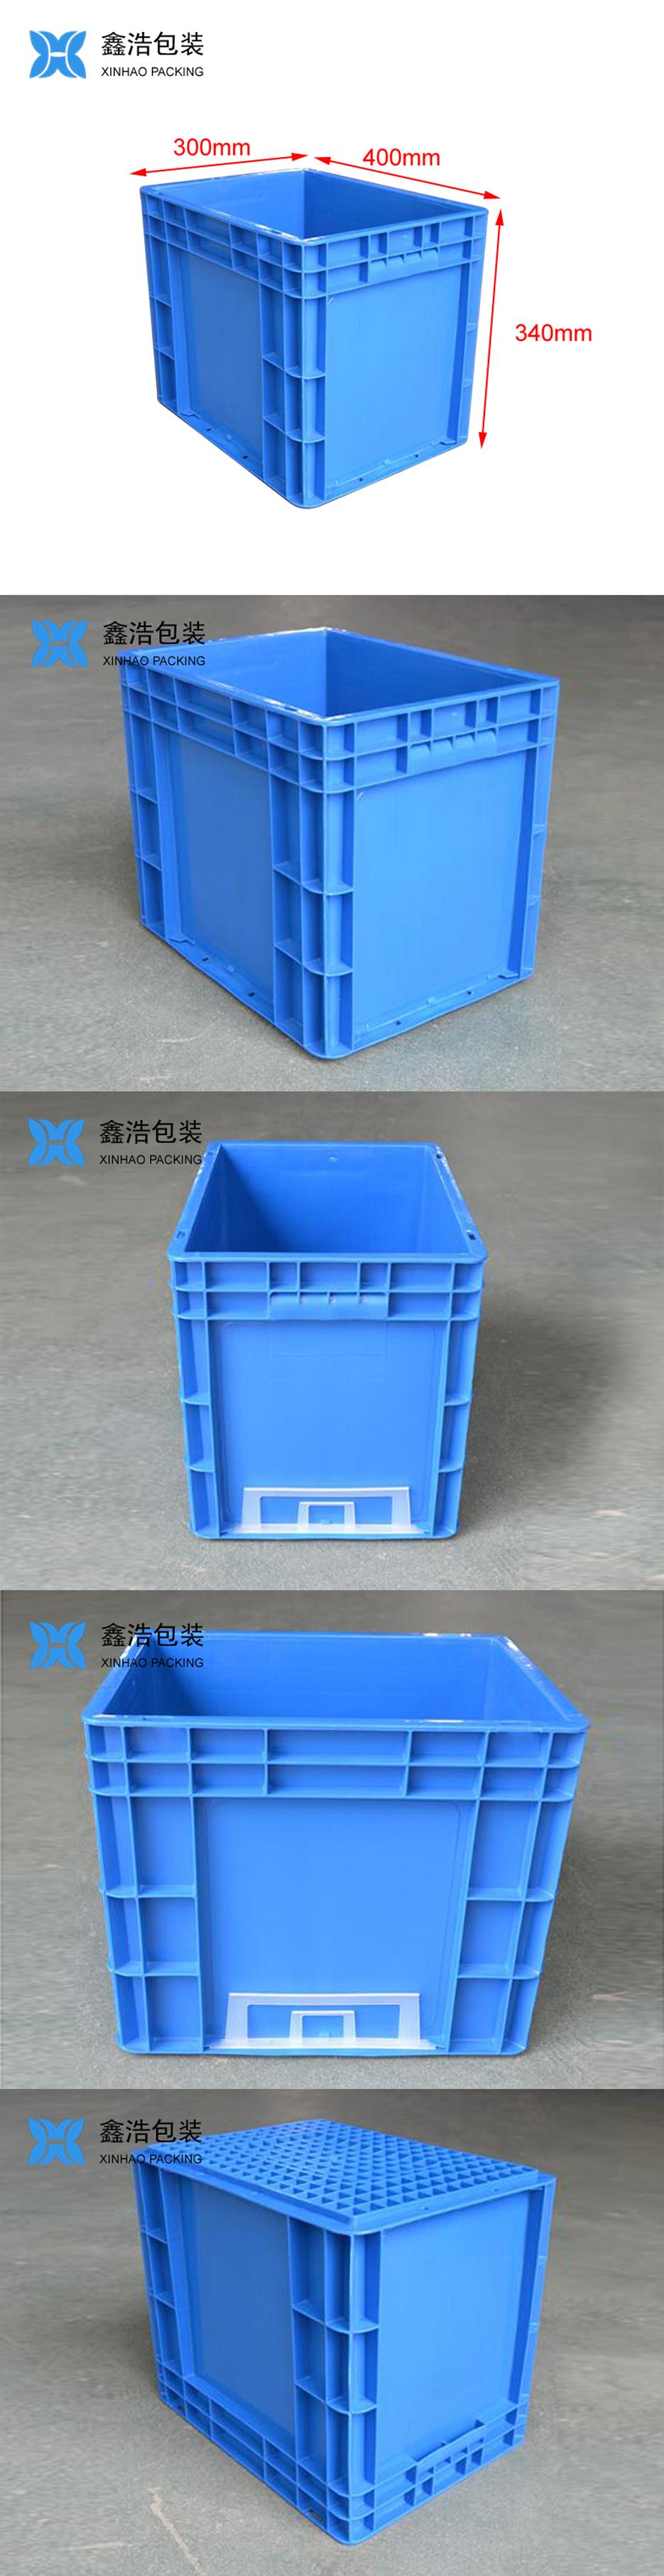 EU4333物流箱-1.jpg